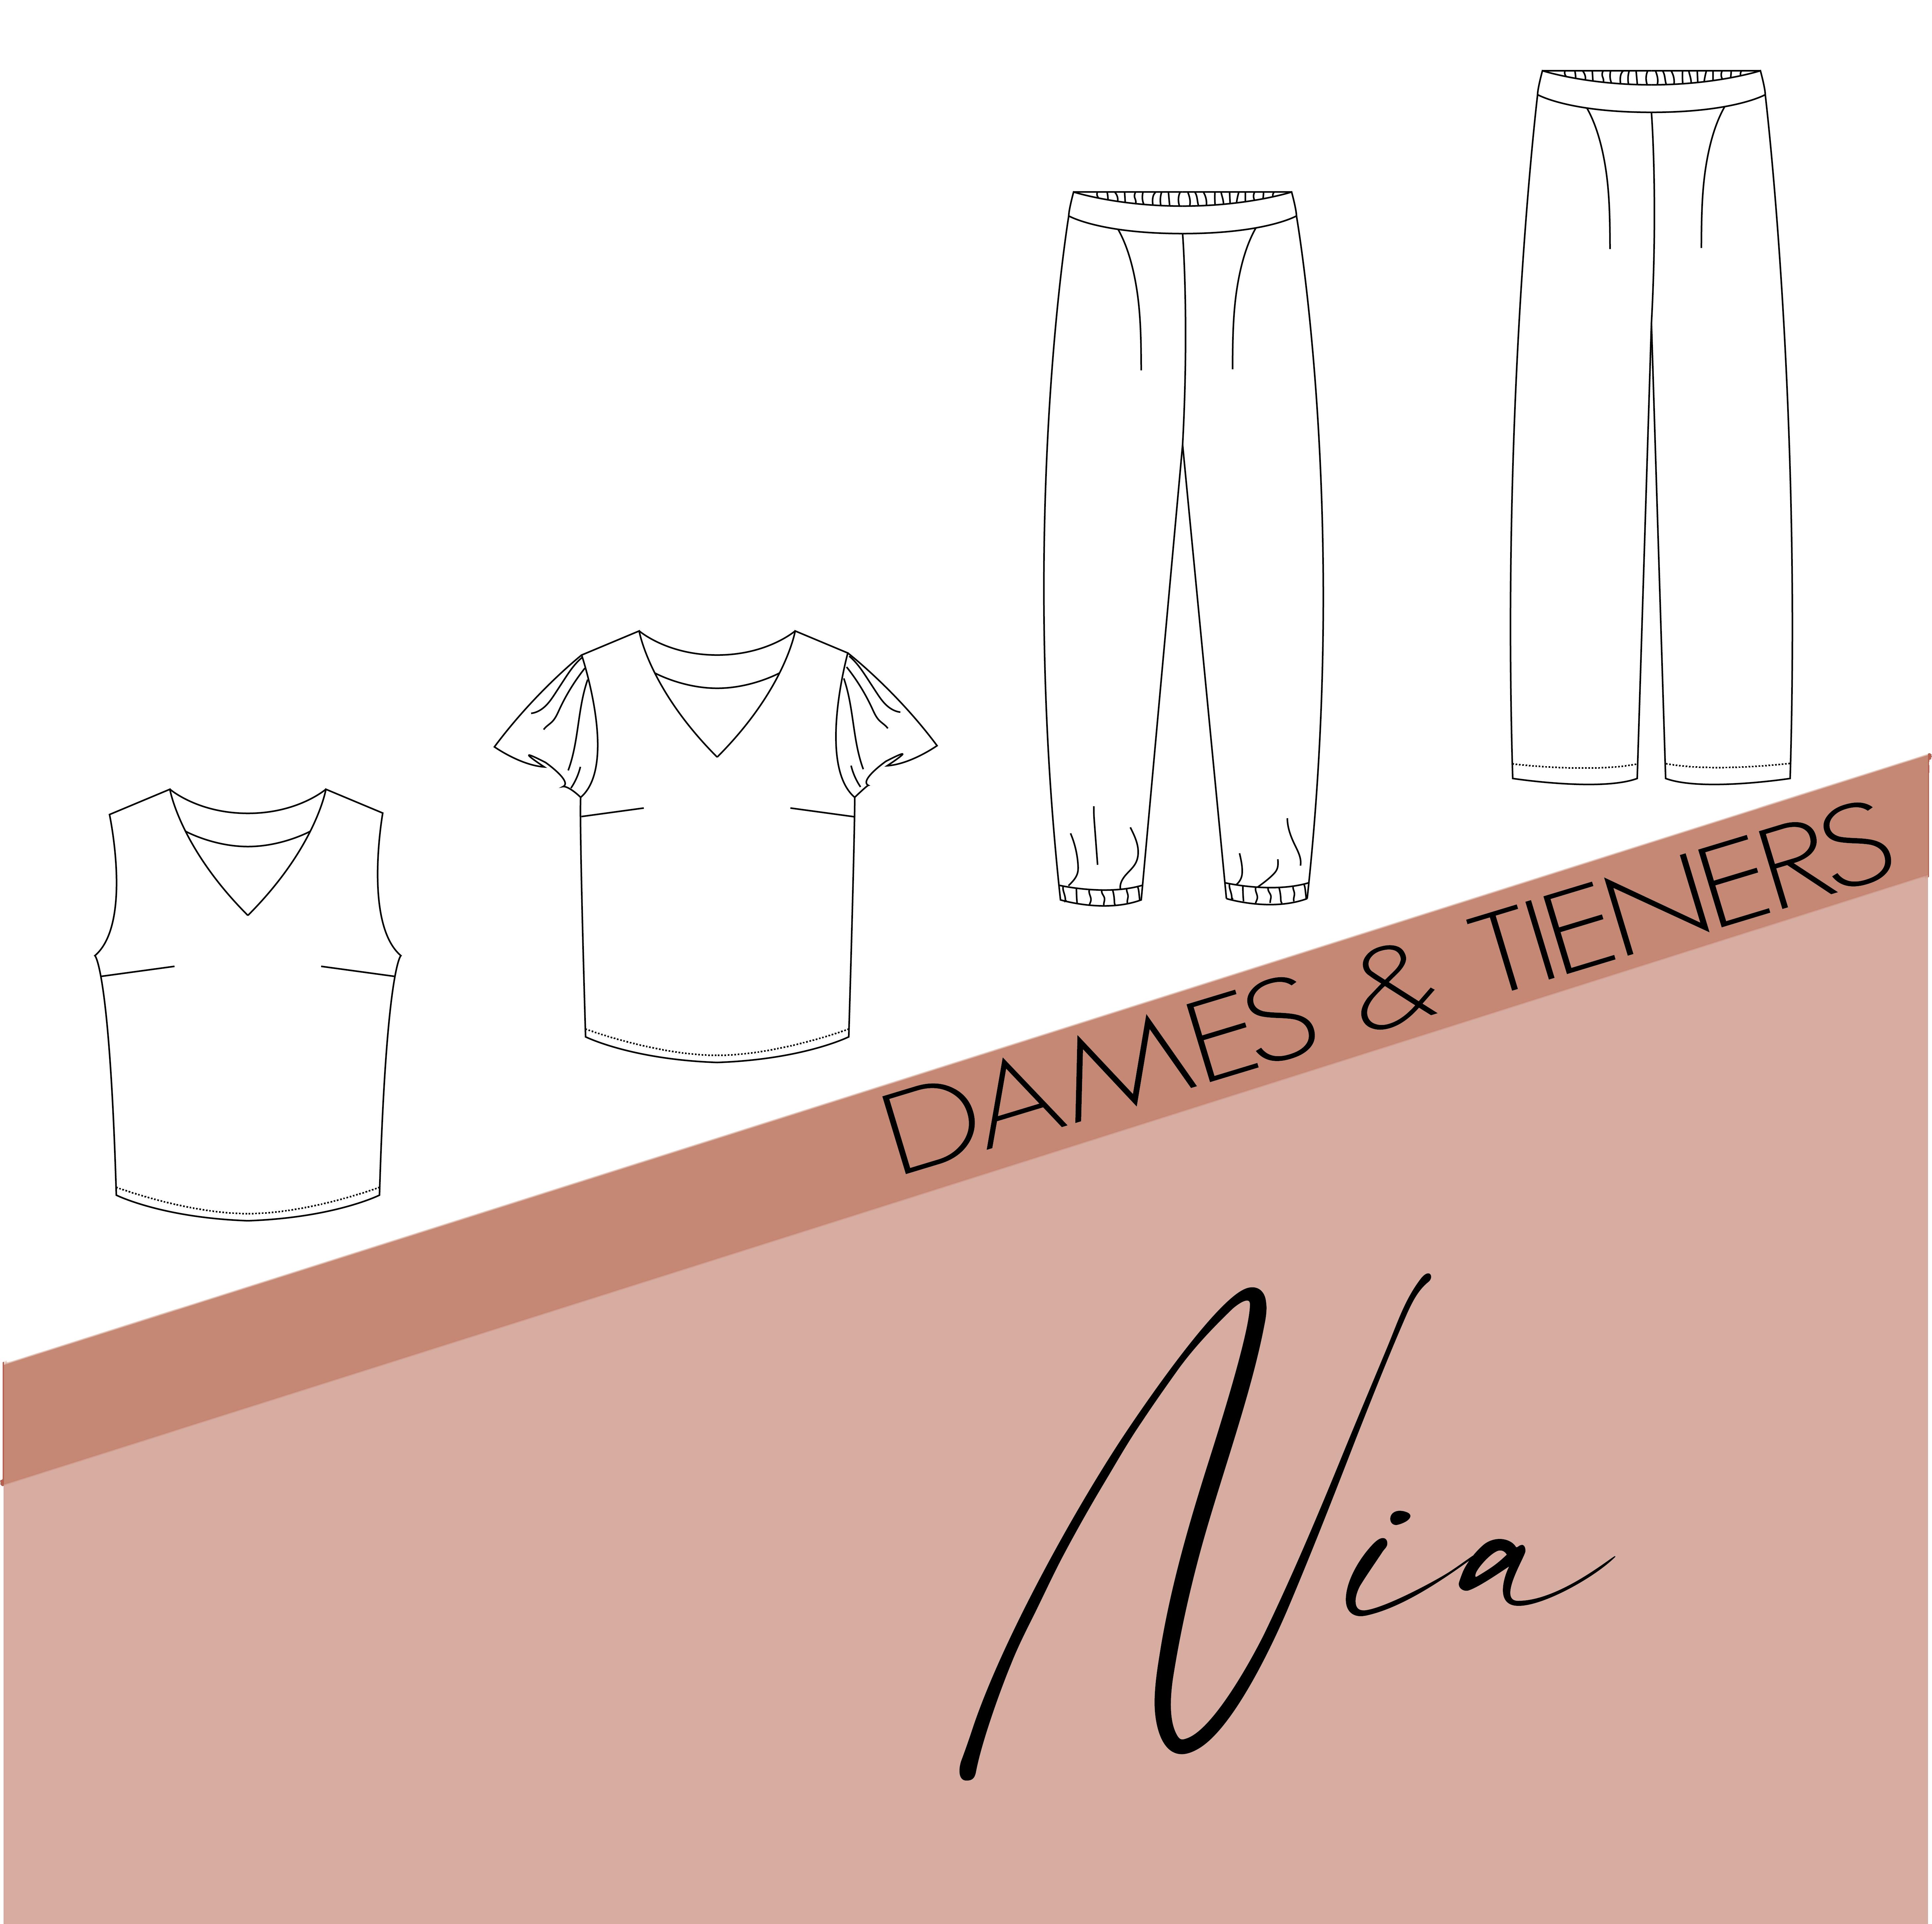 Nia - dames & tieners